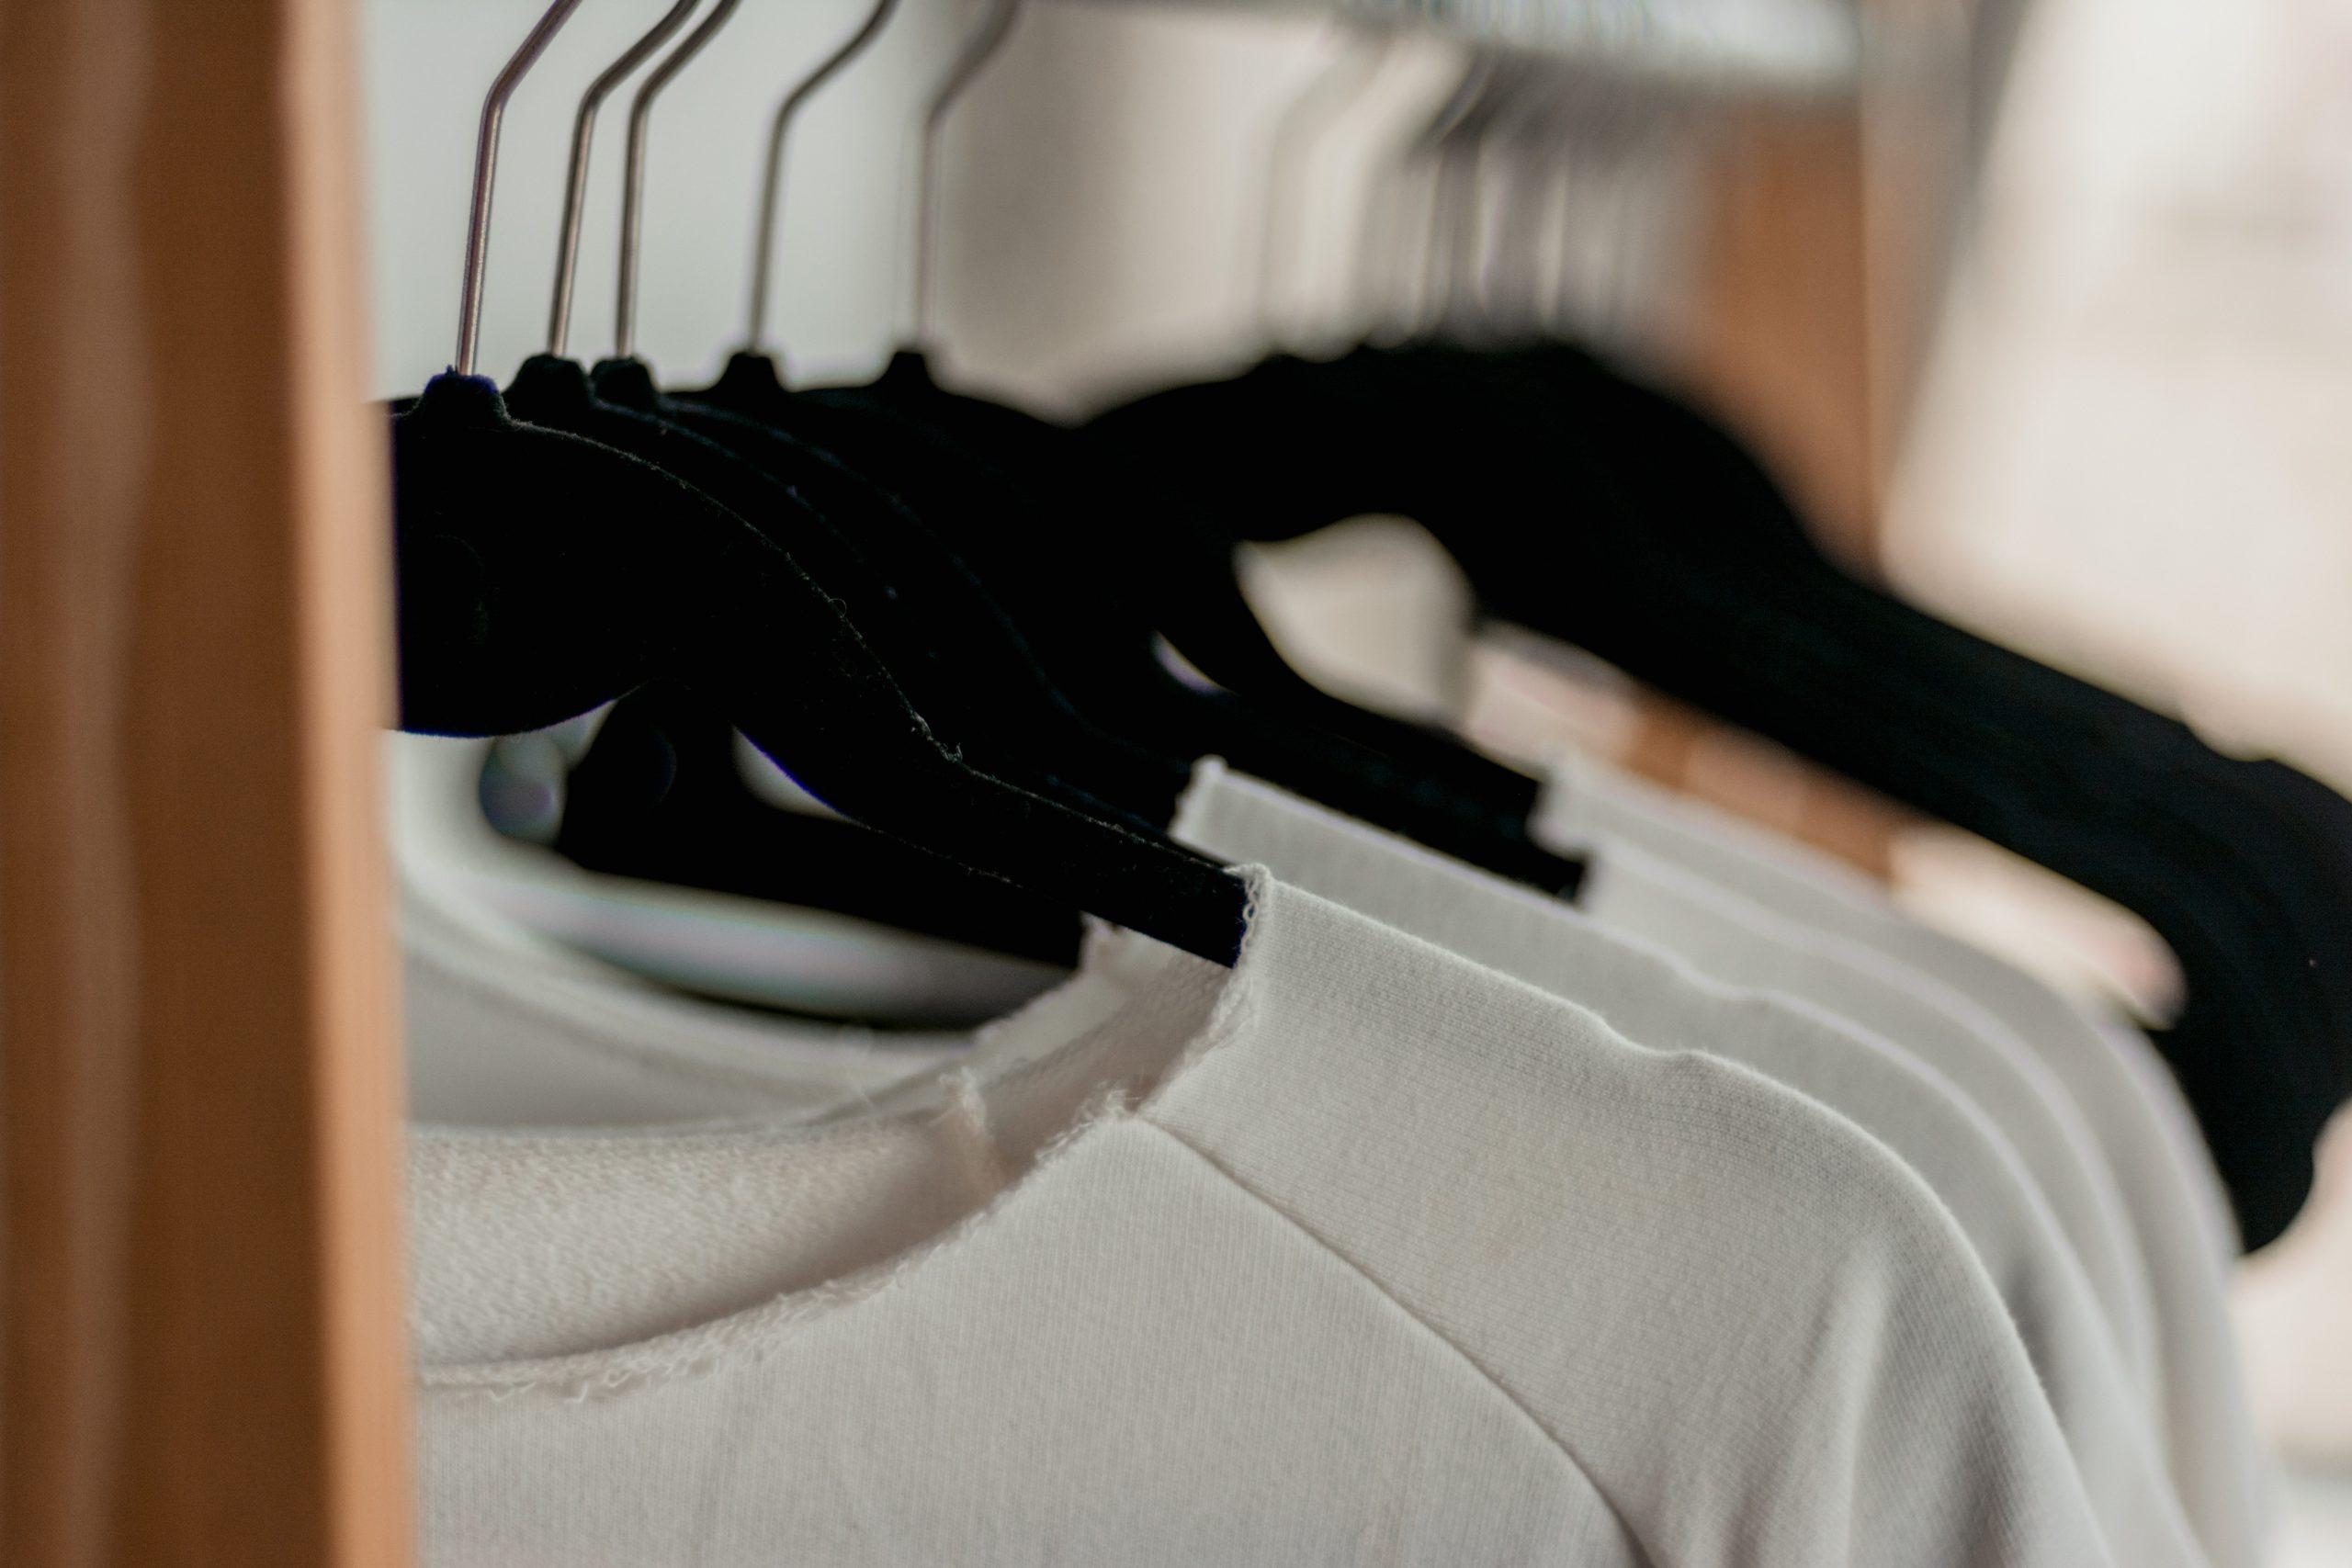 MandRshirts : une marque de chandails créée par deux jeunes sœurs!